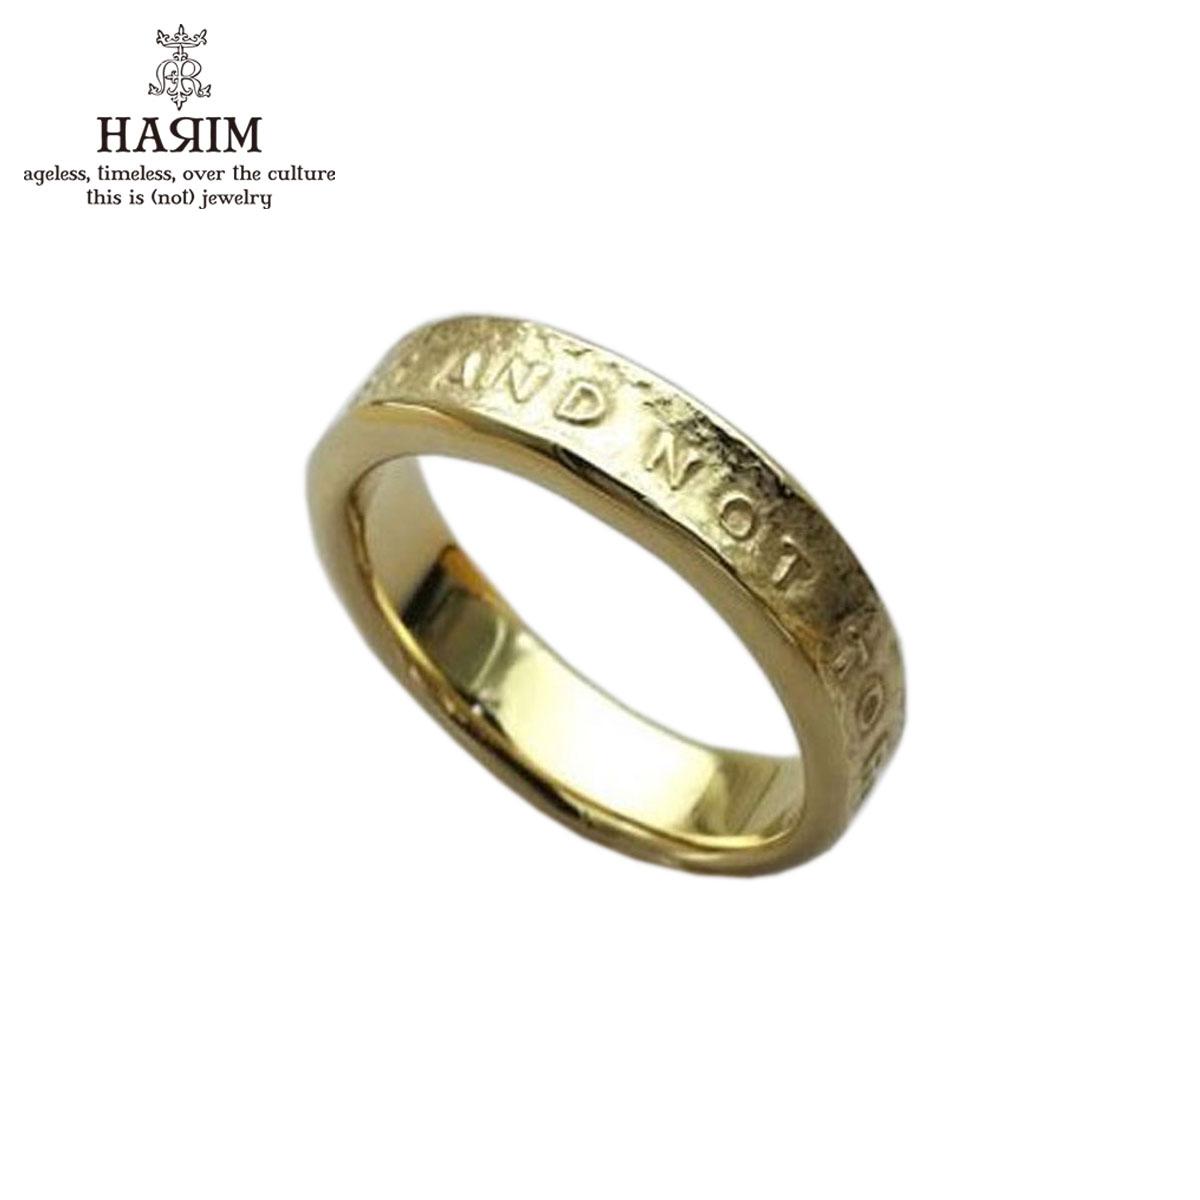 ハリム HARIM 正規販売店 指輪 リング STAIRWAY TO HEAVEN NARROW RING HRR038GP SILVER 925 K18YG GOLD PLATING A82B B3C C3D D8E E33F